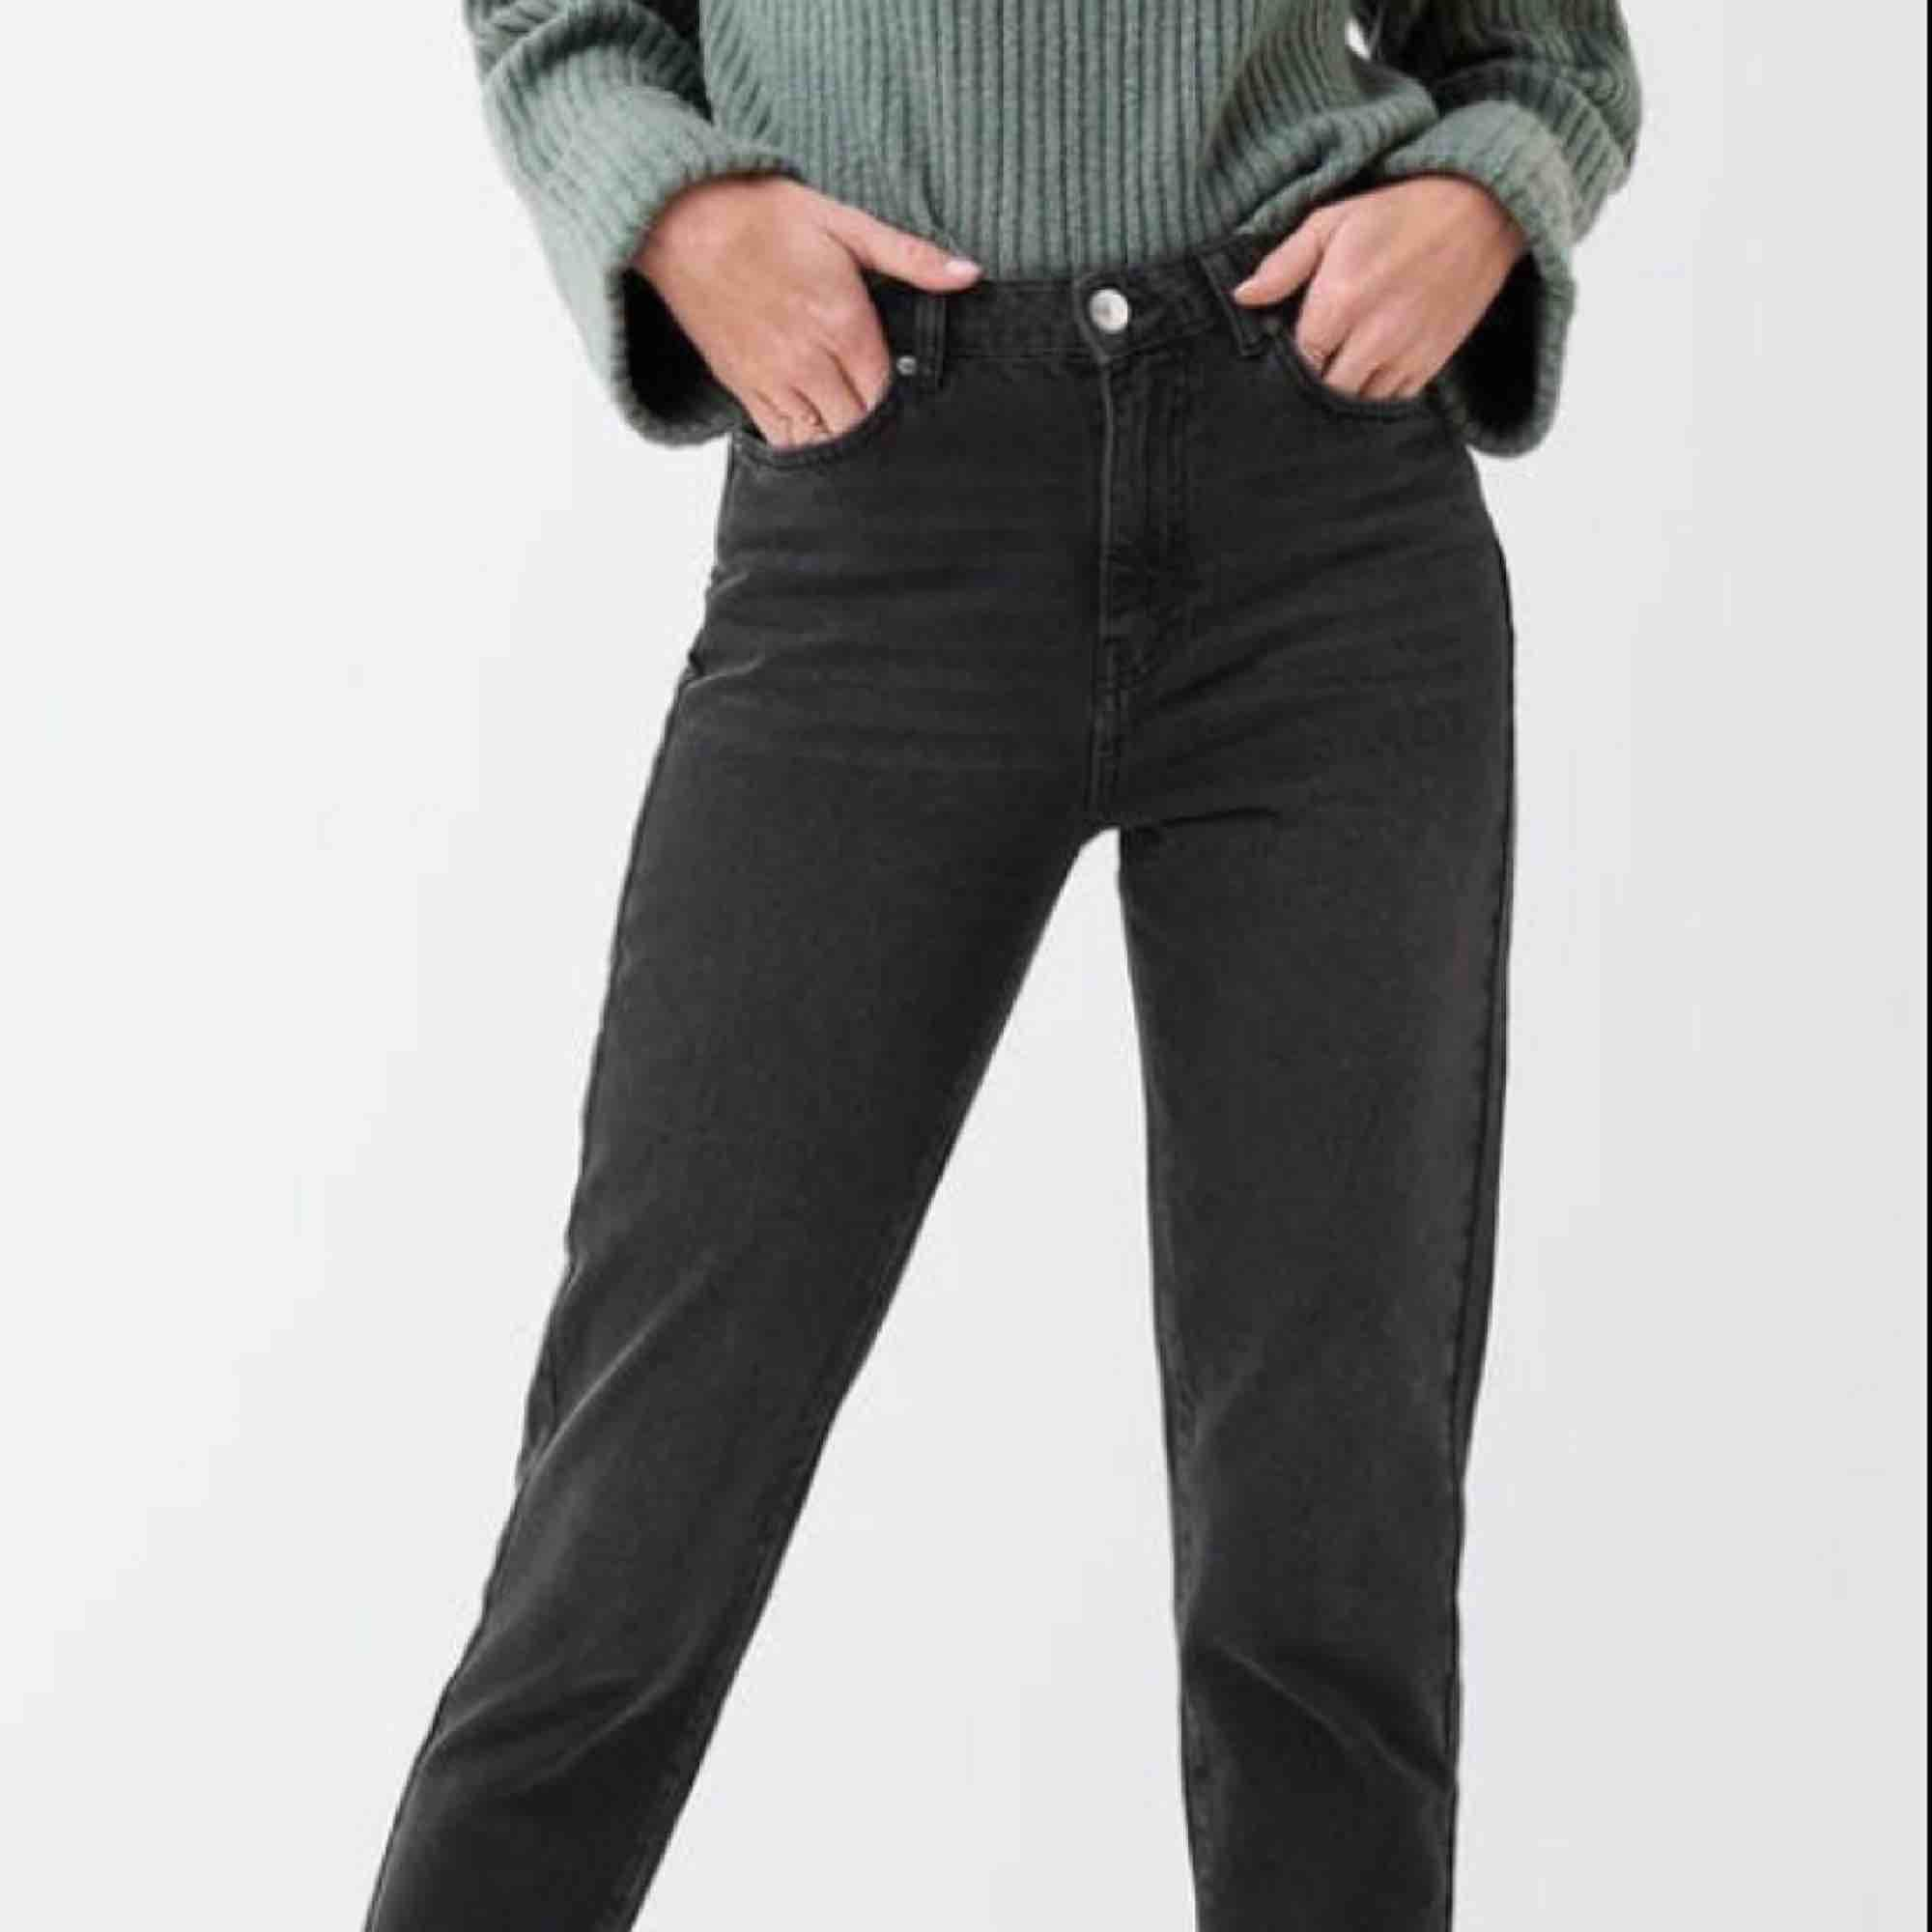 Nya MOM original jeans från Gina Tricot i storlek 40. Svarta, men lätt slitna i färgen. Passar inte på grund av fel storlek, men väldigt snygga!. Jeans & Byxor.